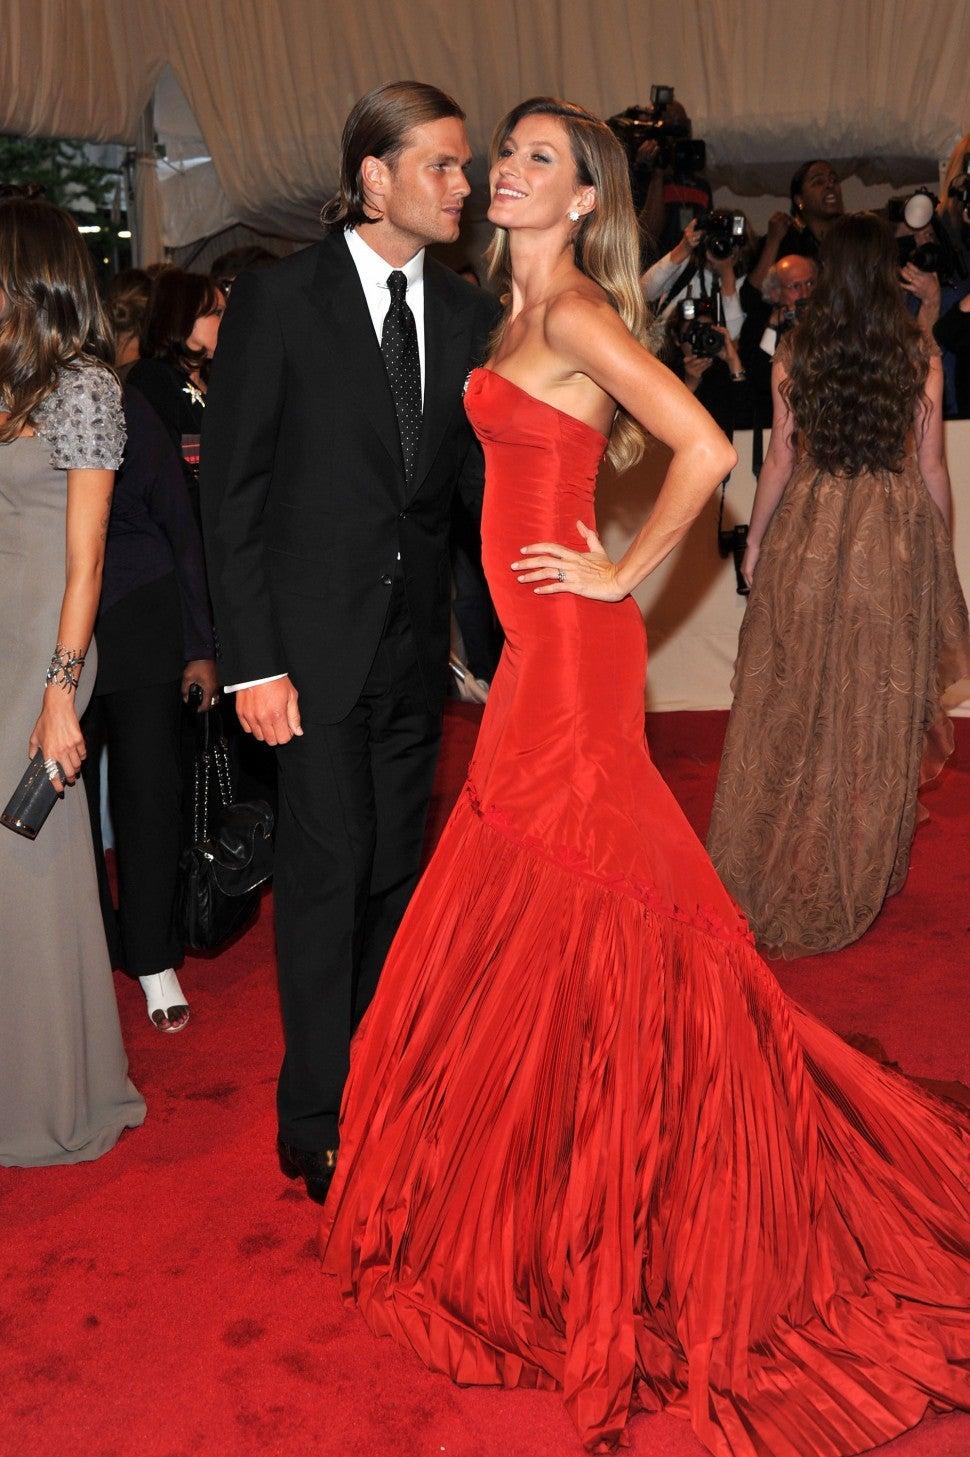 Tom Brady and Gisele Bundchen attends the